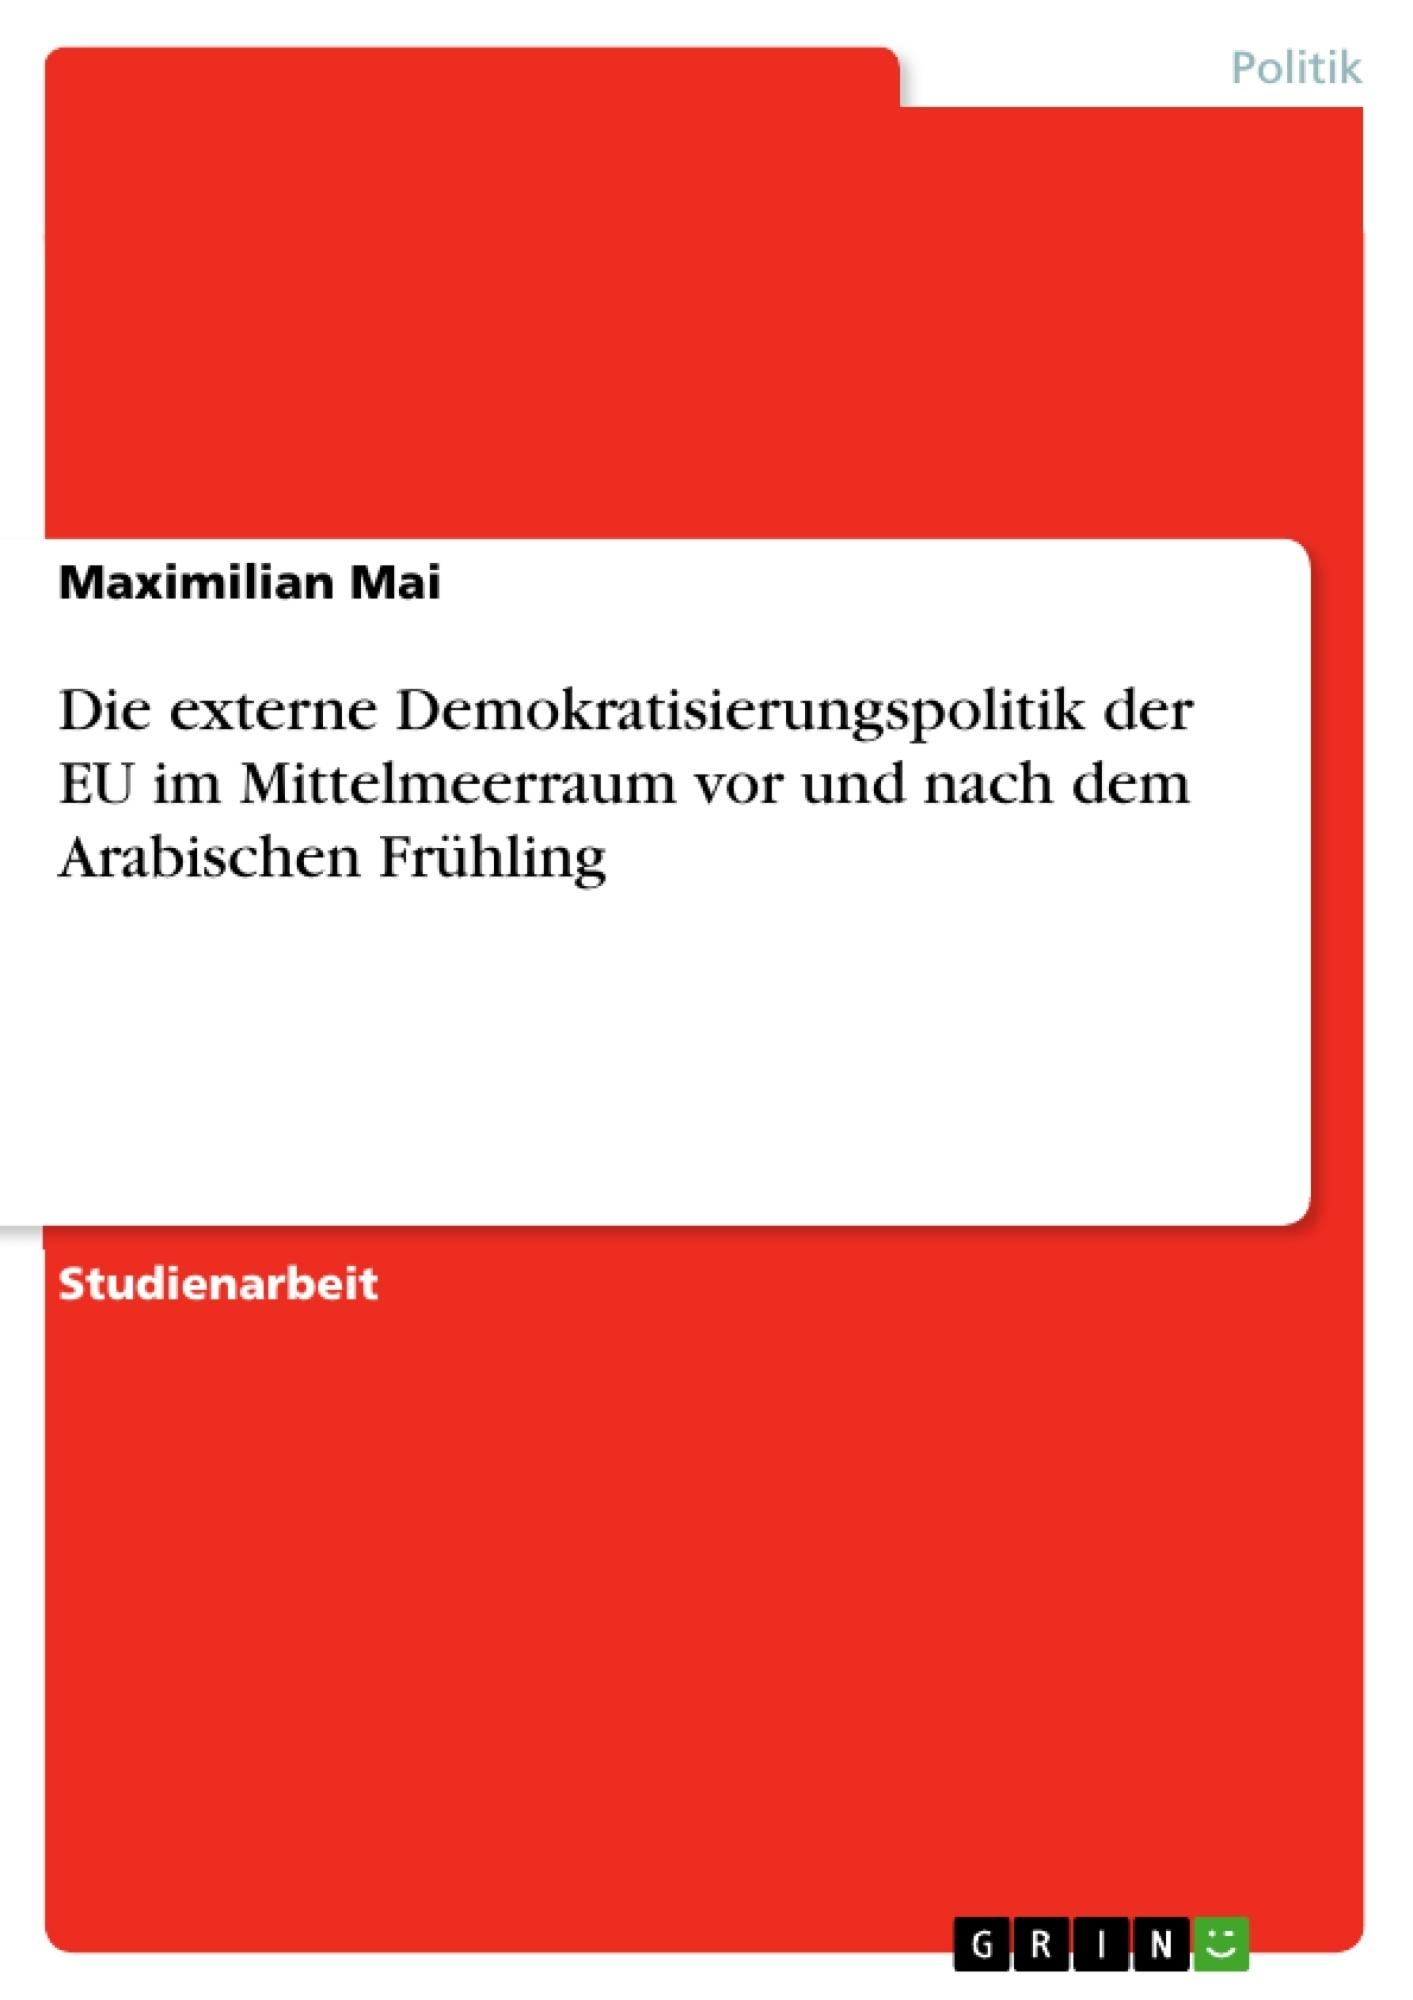 Titel: Die externe Demokratisierungspolitik der EU im Mittelmeerraum vor und nach dem Arabischen Frühling